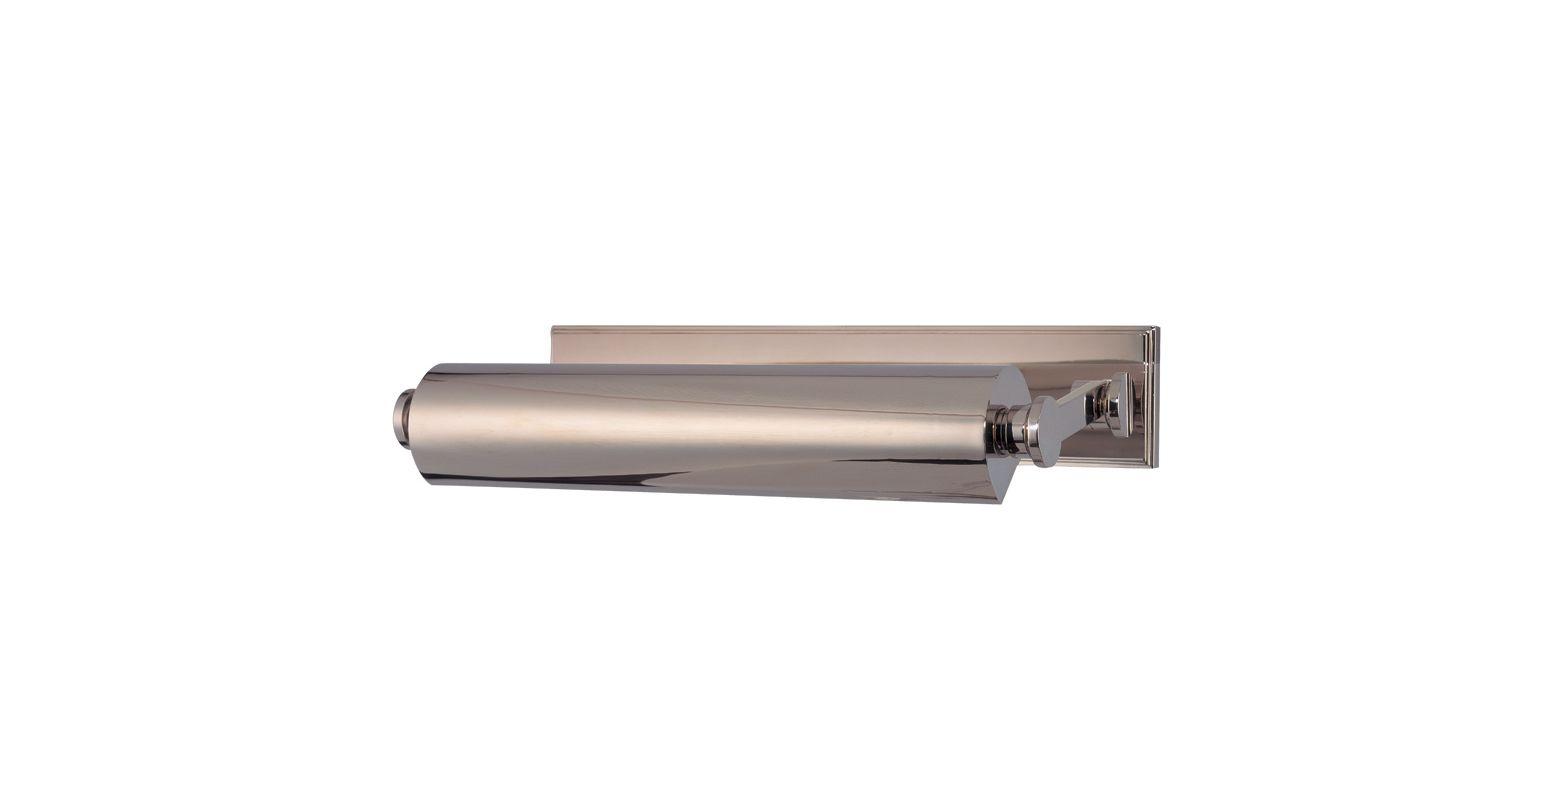 Hudson Valley Lighting 6015 Merrick 2 Light Solid Brass Picture Light Sale $750.00 ITEM#: 2063121 MODEL# :6015-PN UPC#: 806134131357 :